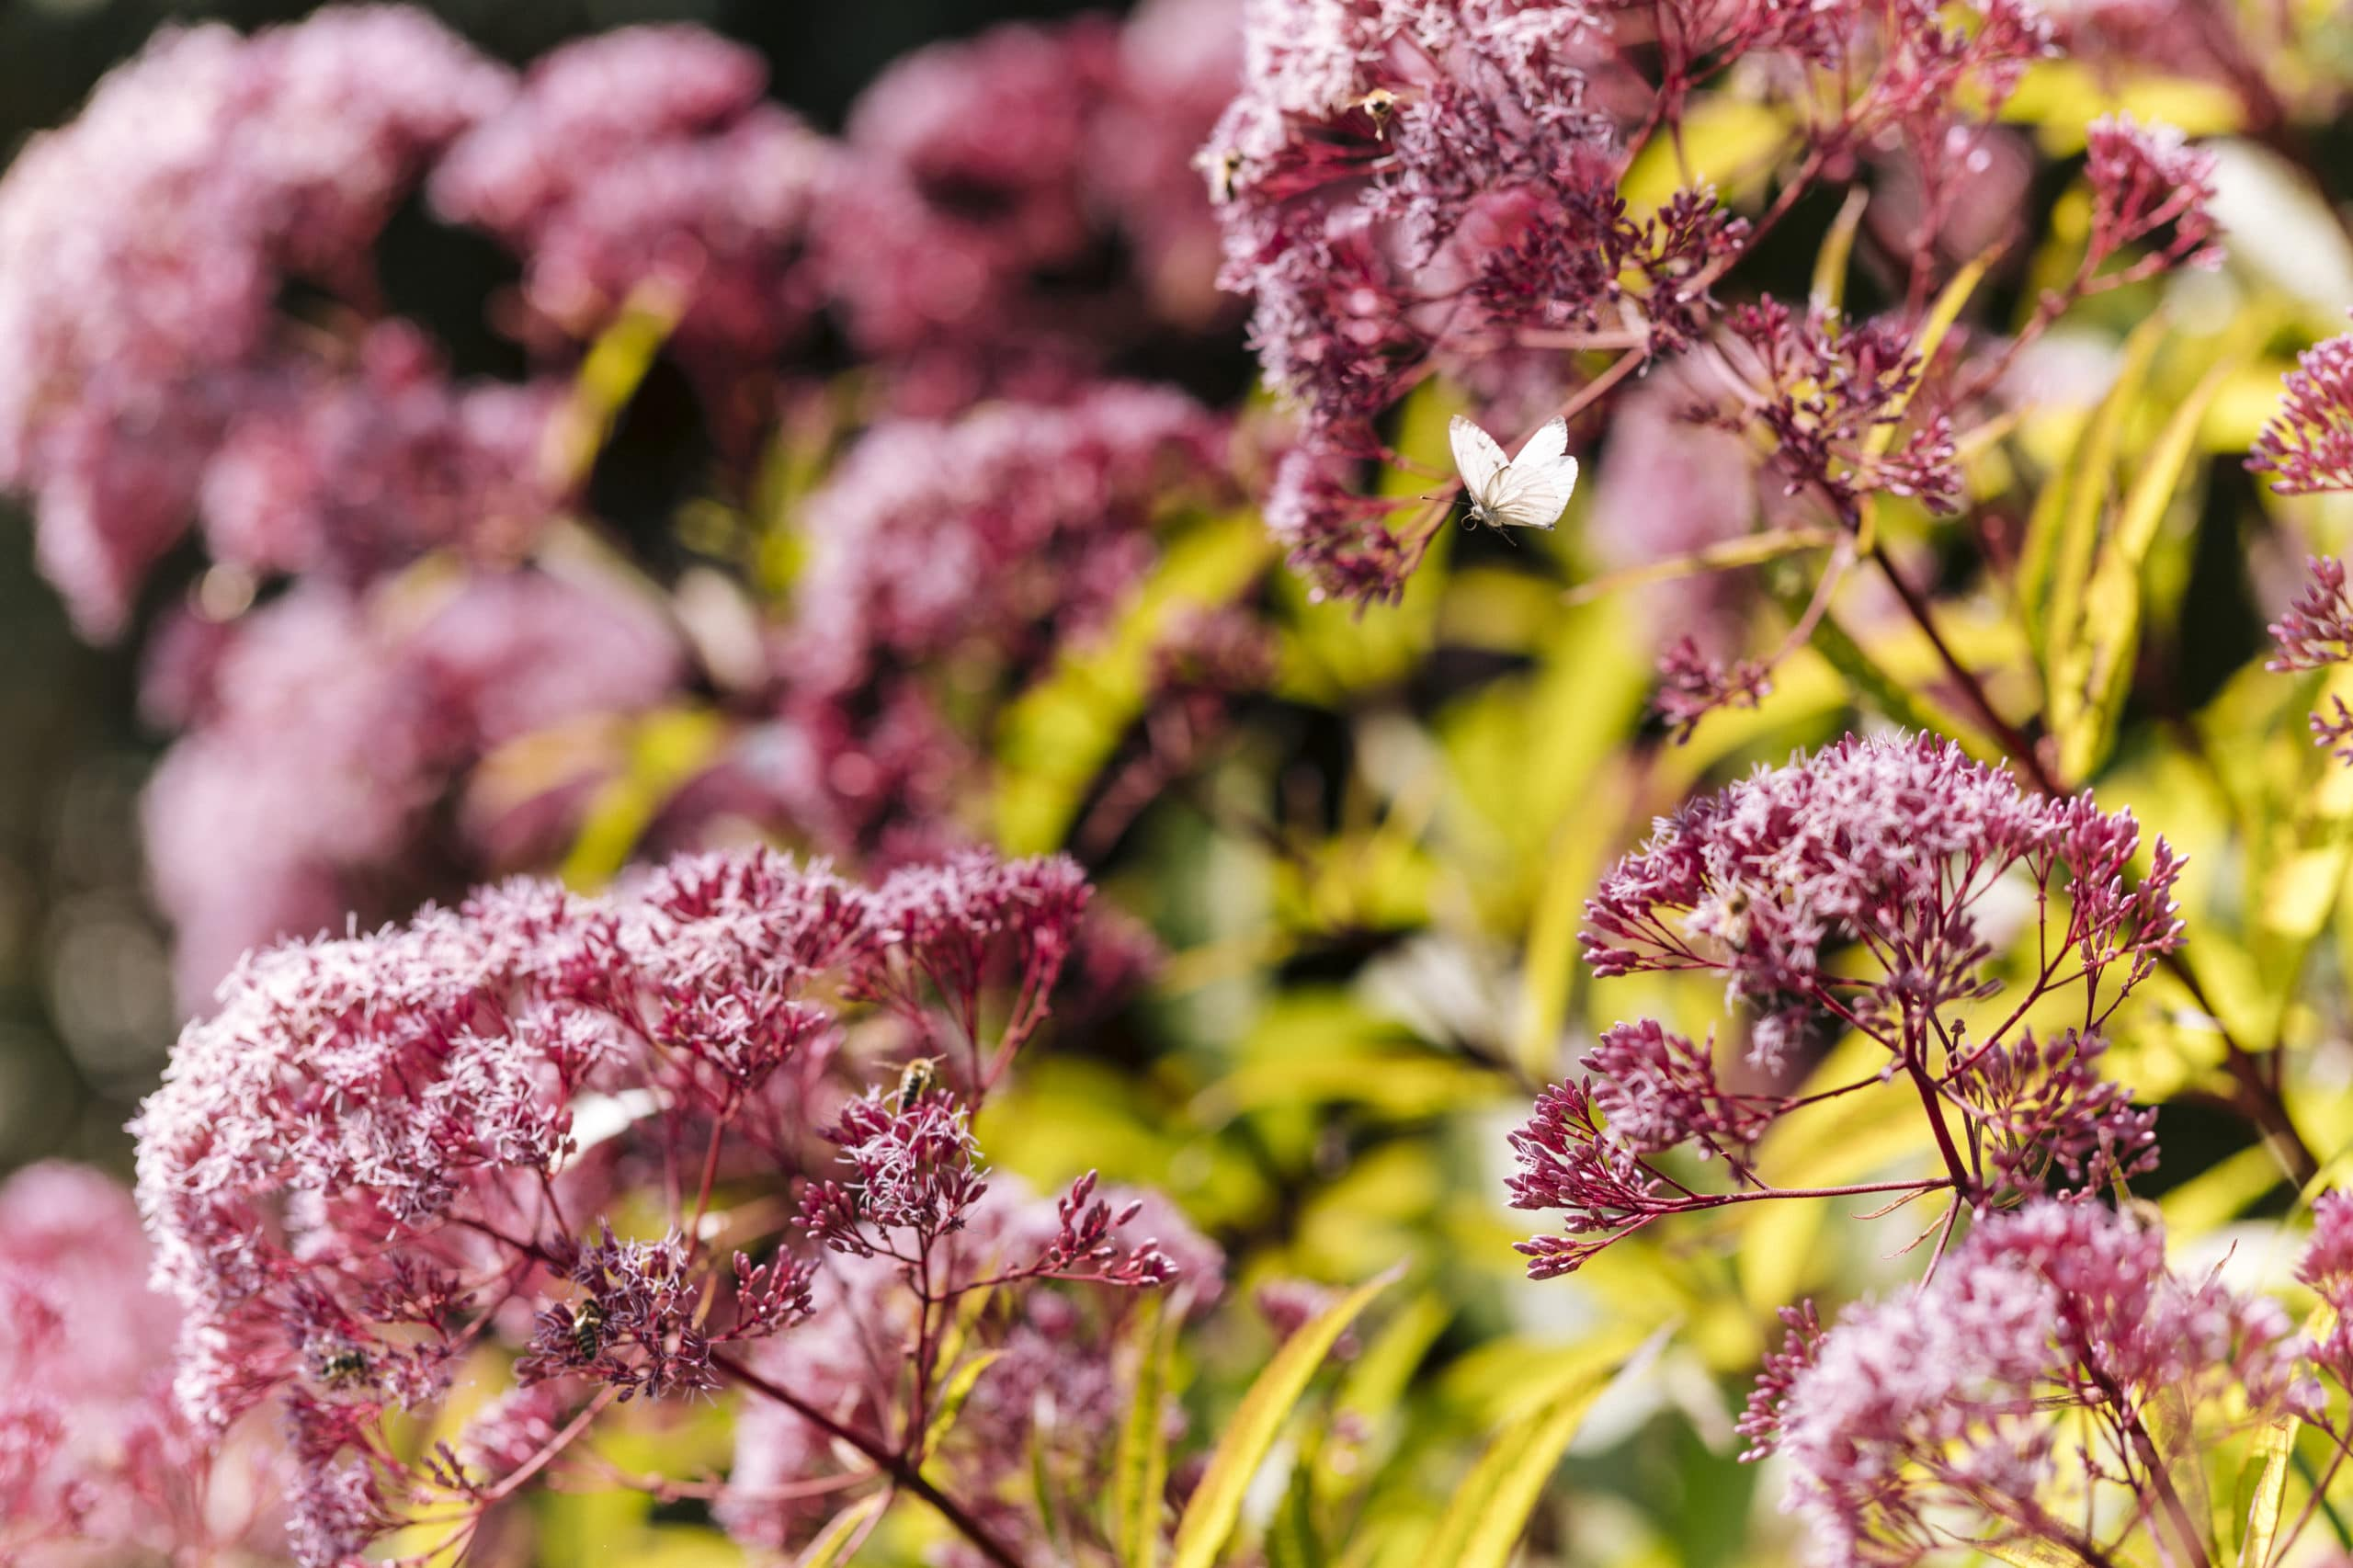 Garten- und Pflanzenstilleben